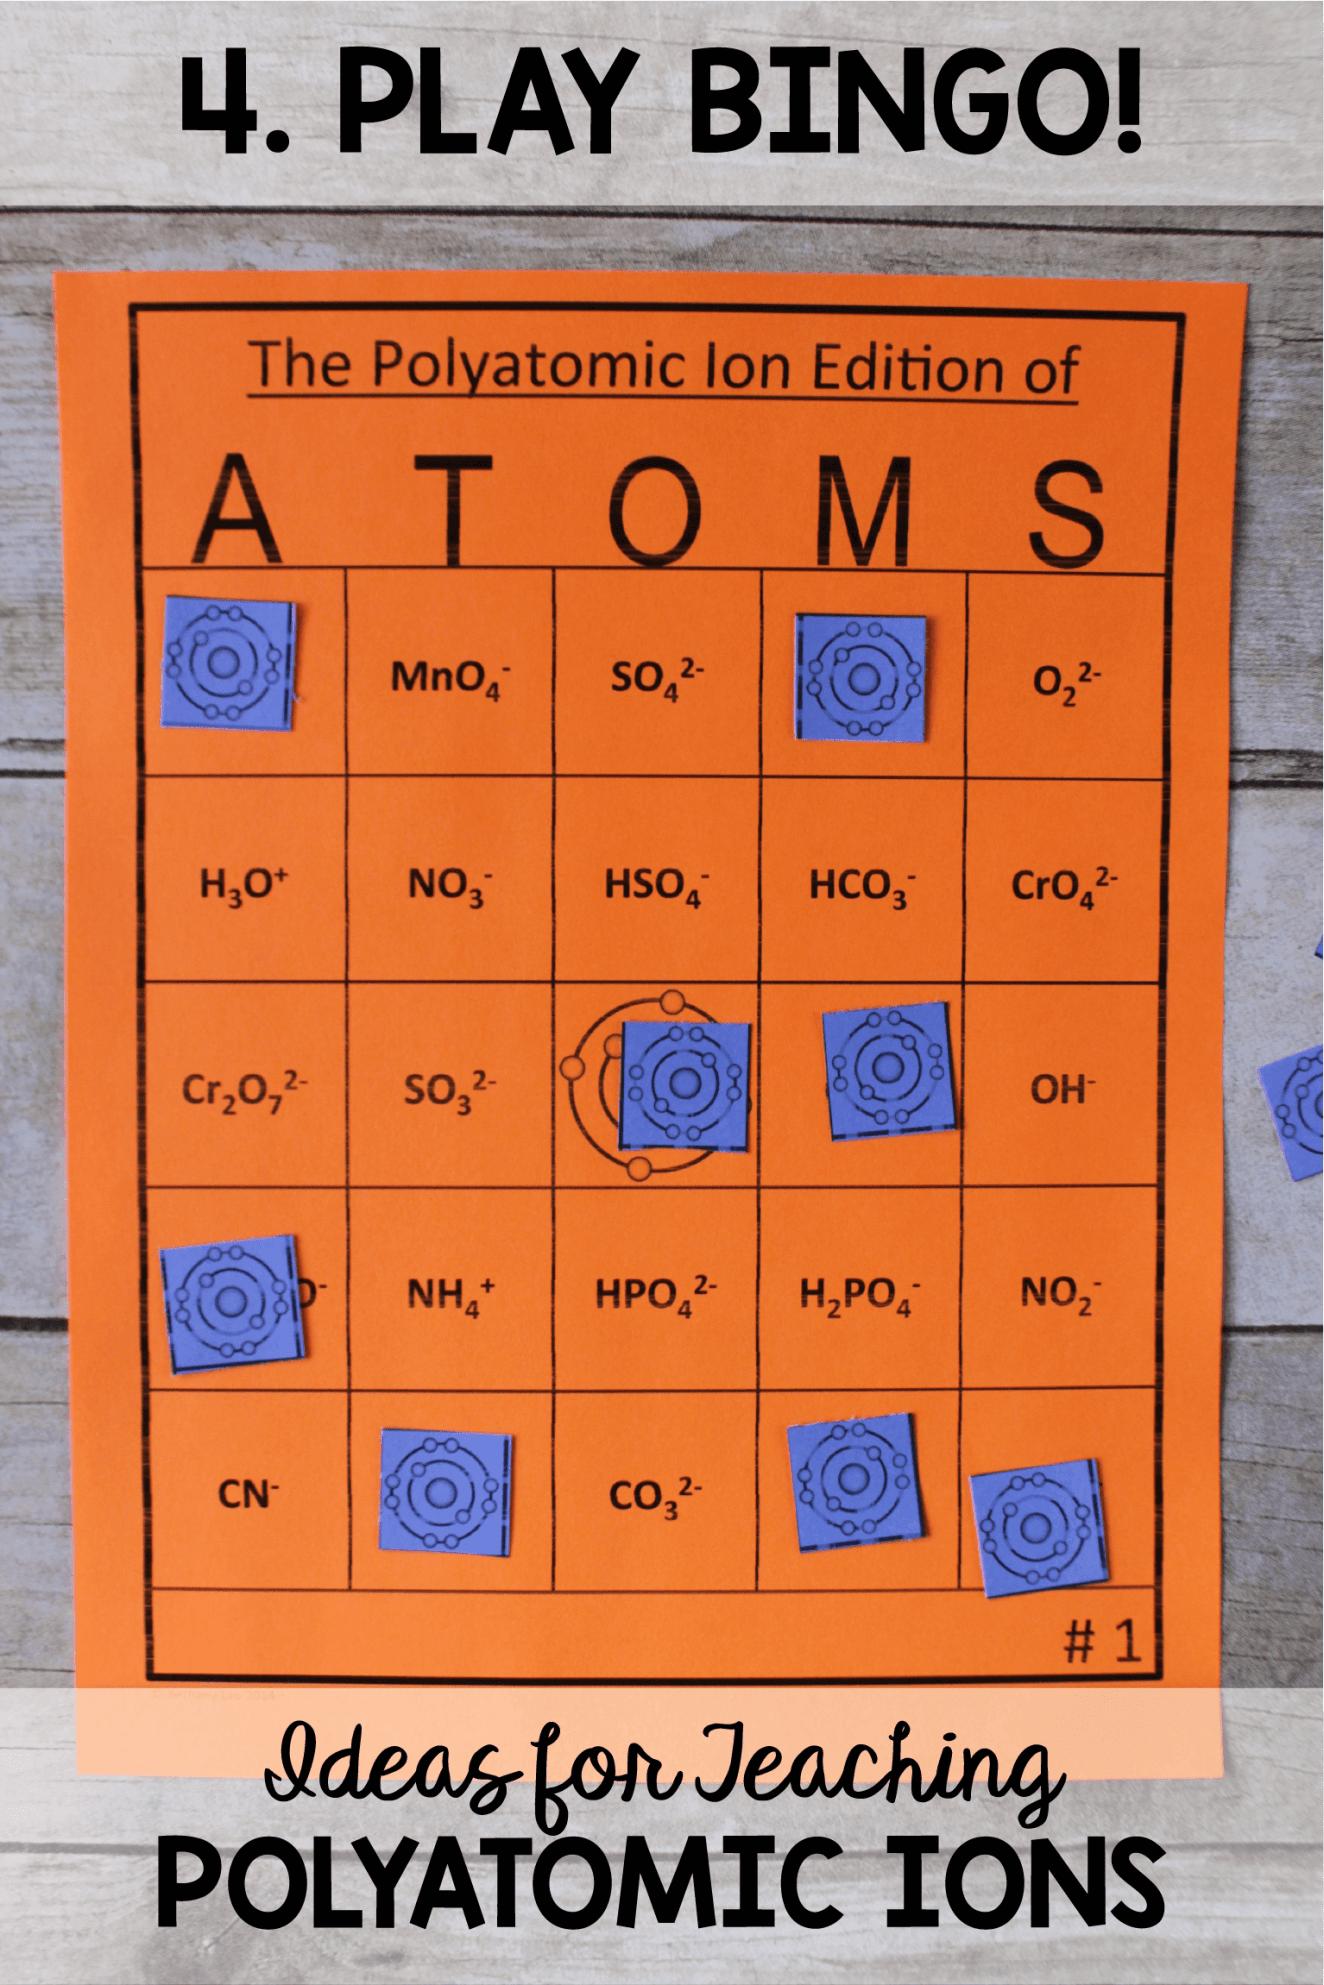 Polyatomic Ion Chemistry Bingo Atoms Game In